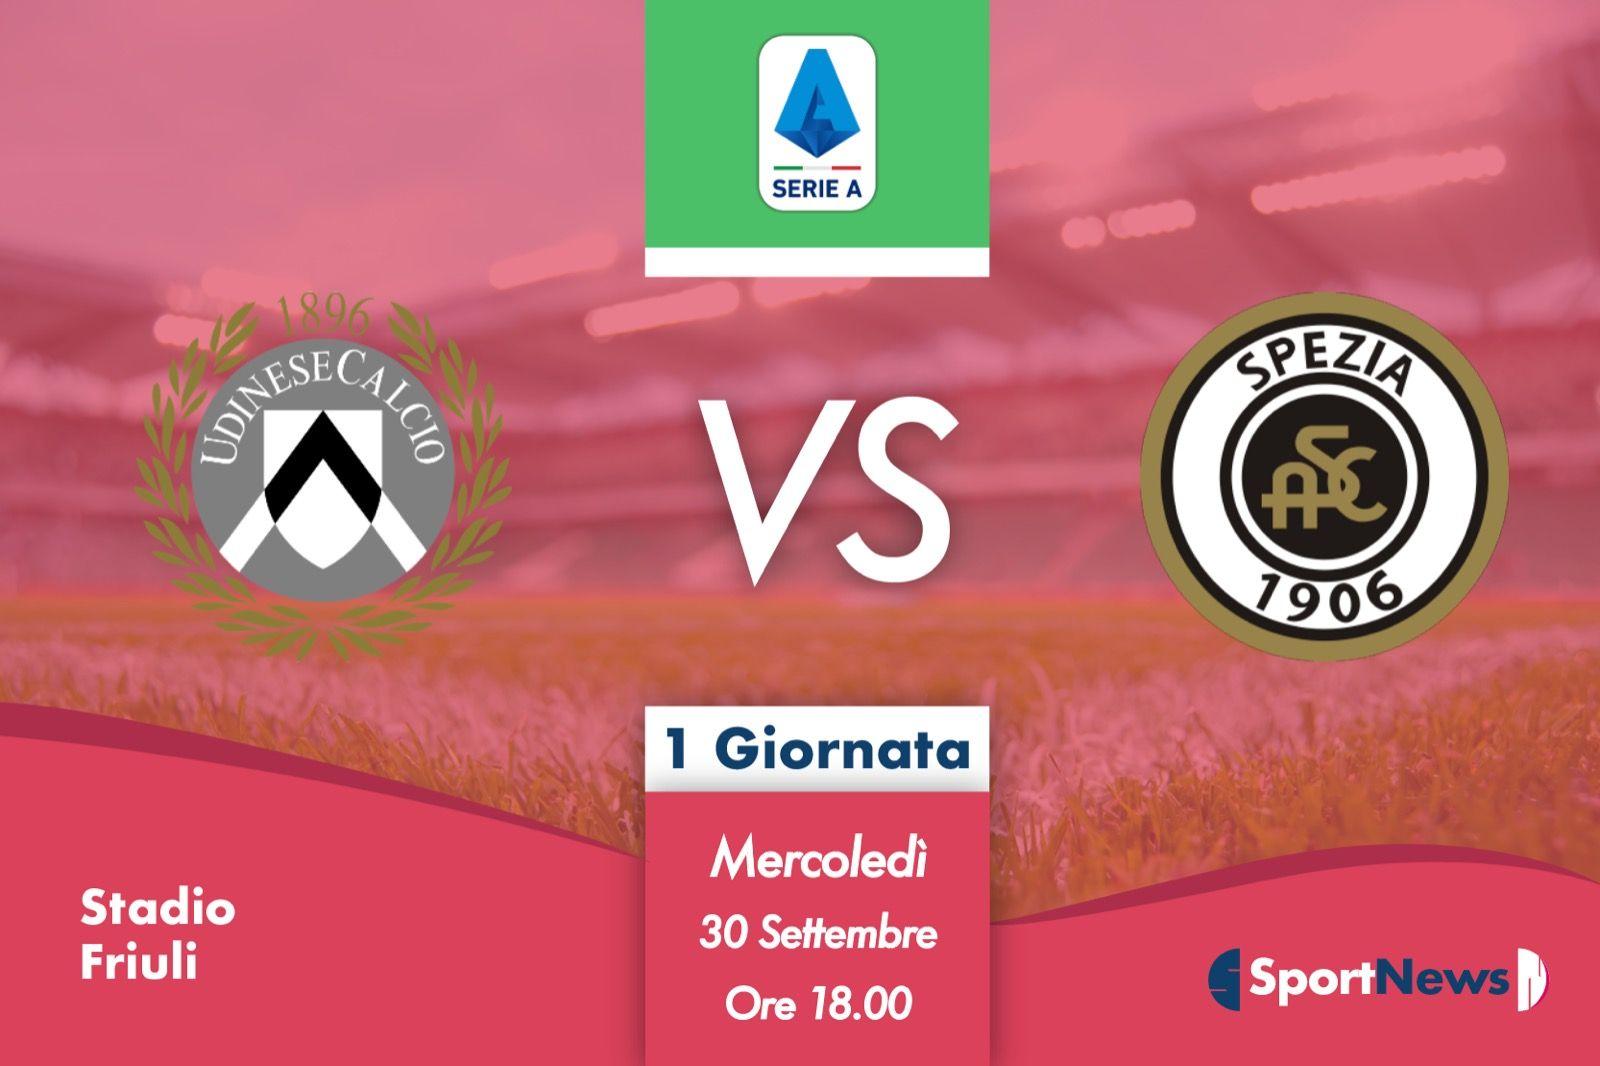 Serie A | Recupero 1ª giornata: Udinese-Spezia. Probabili formazioni, dove vederla in tv e streaming